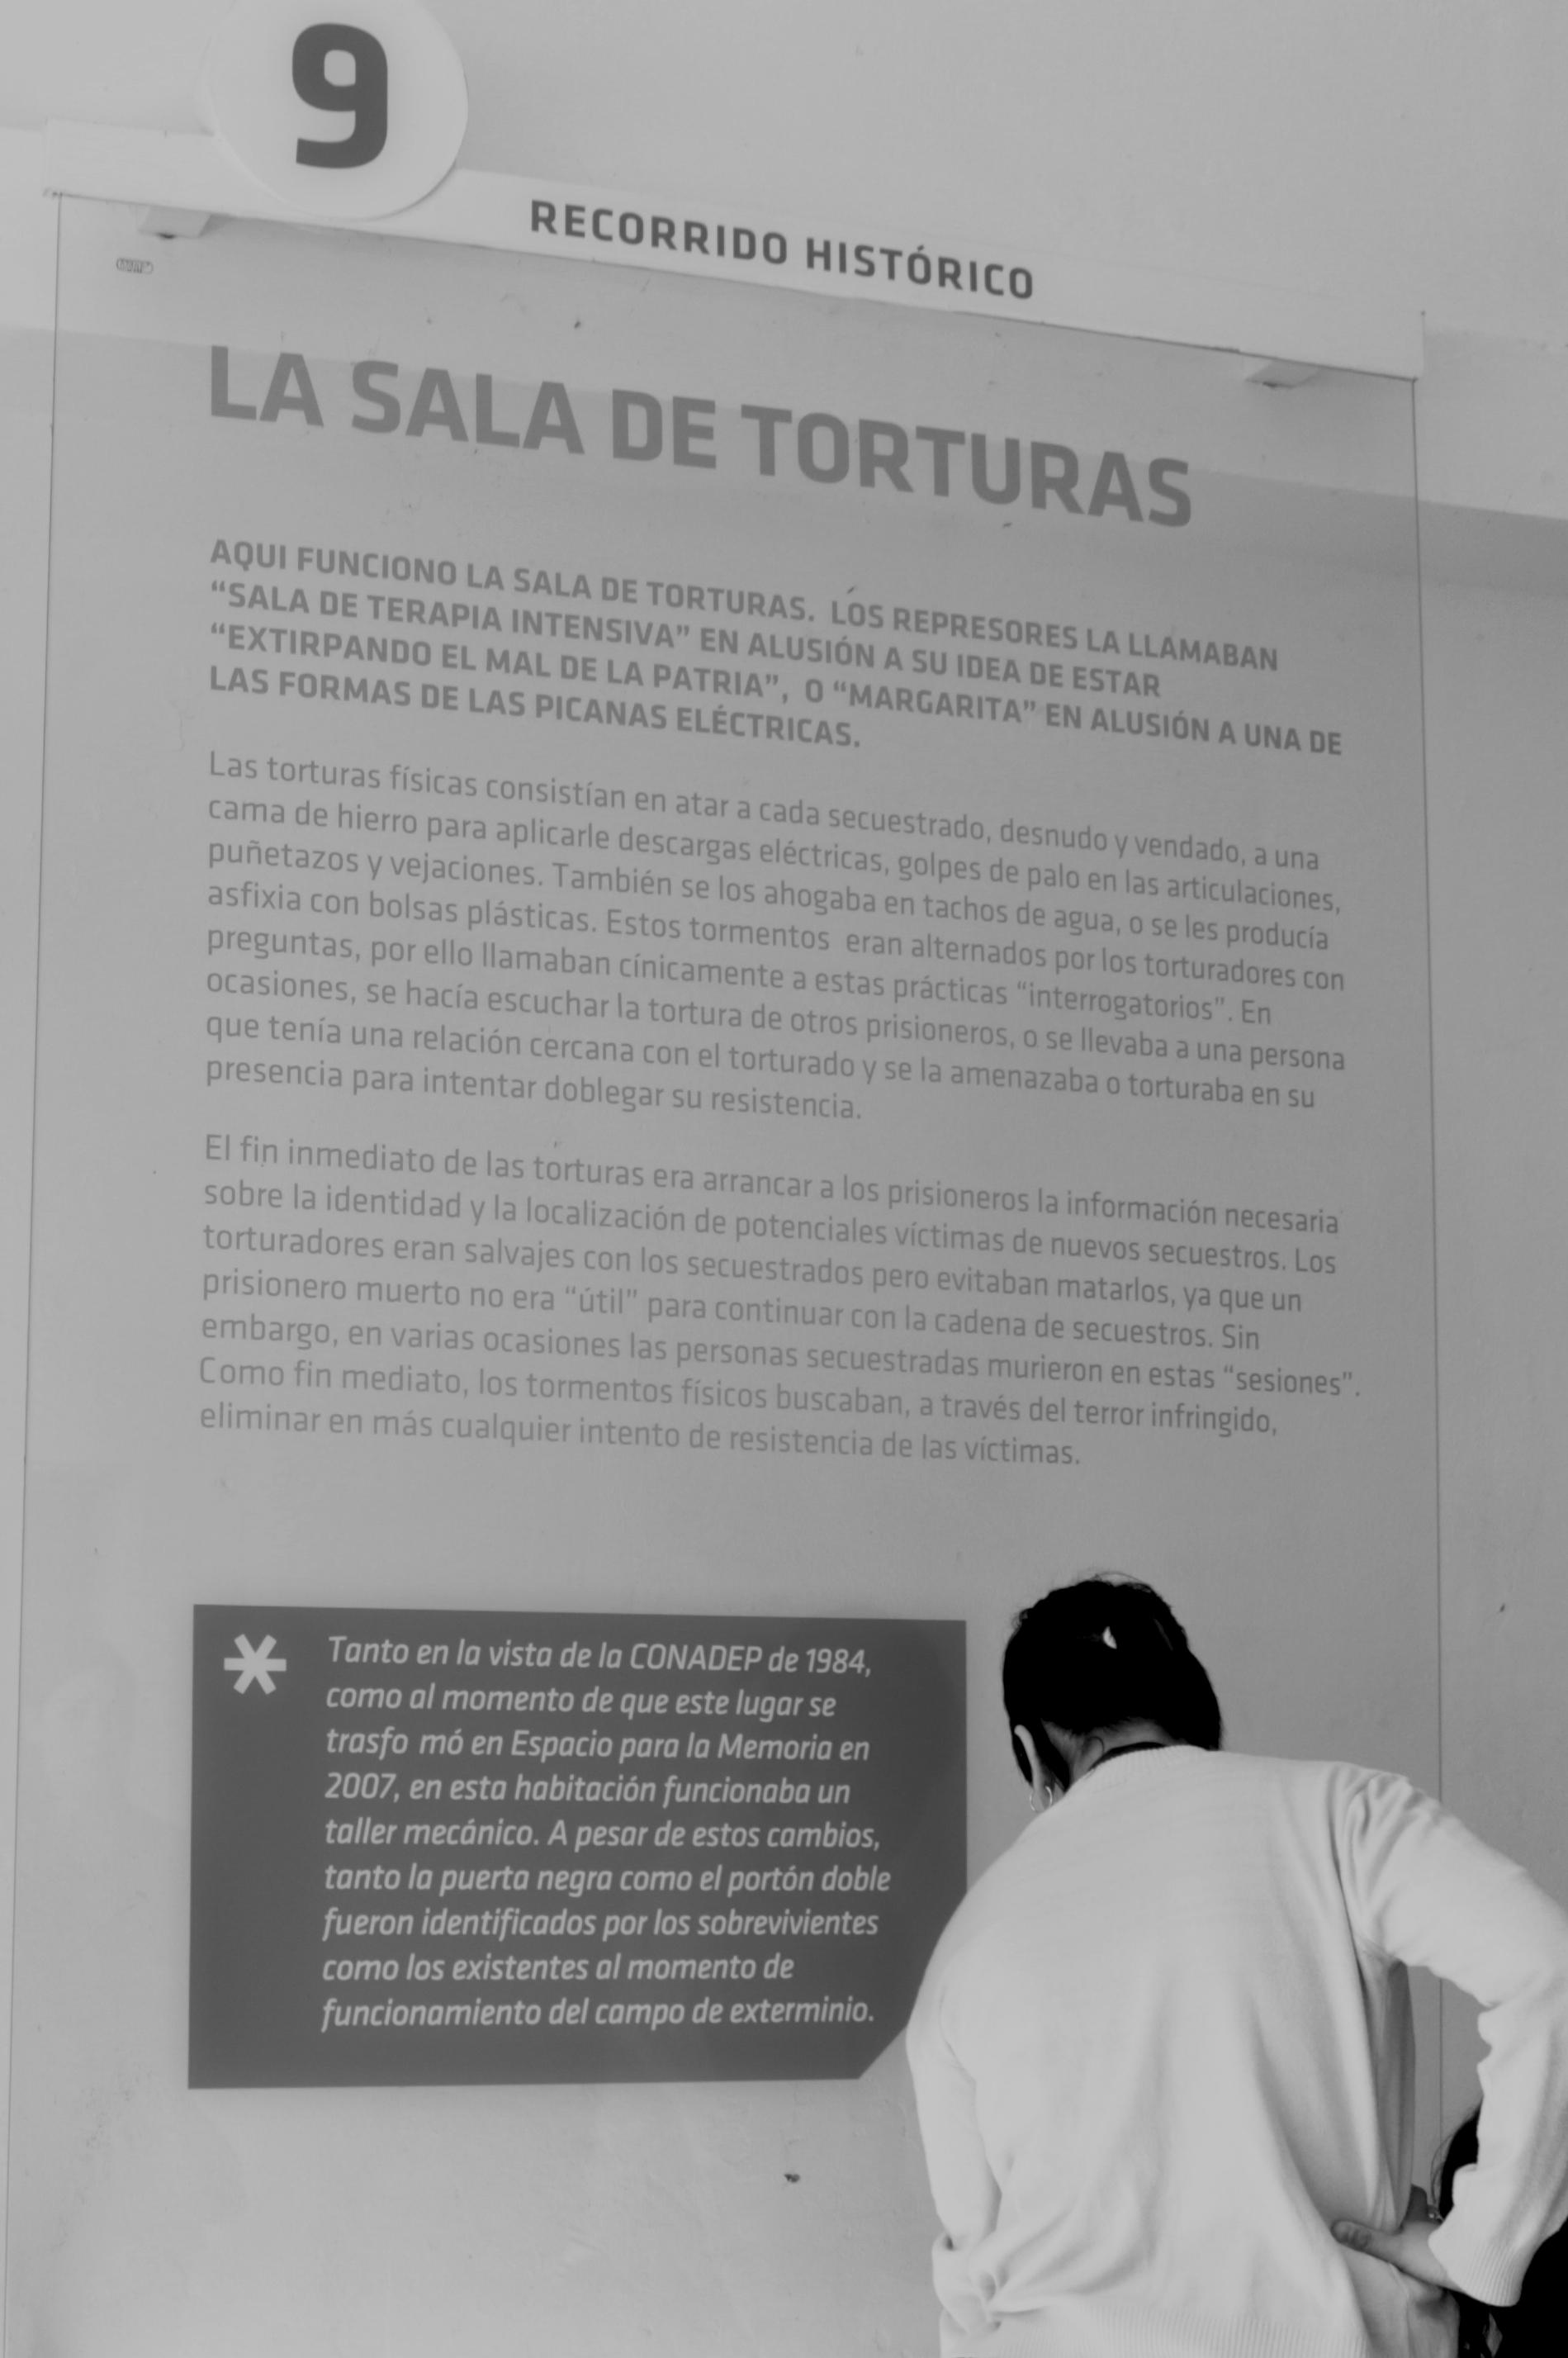 Adicto Estoy orgulloso salto  Archivo:Espacio Para La Memoria La Perla - Córdoba - Niamfrifruli - 05.jpg  - Wikipedia, la enciclopedia libre